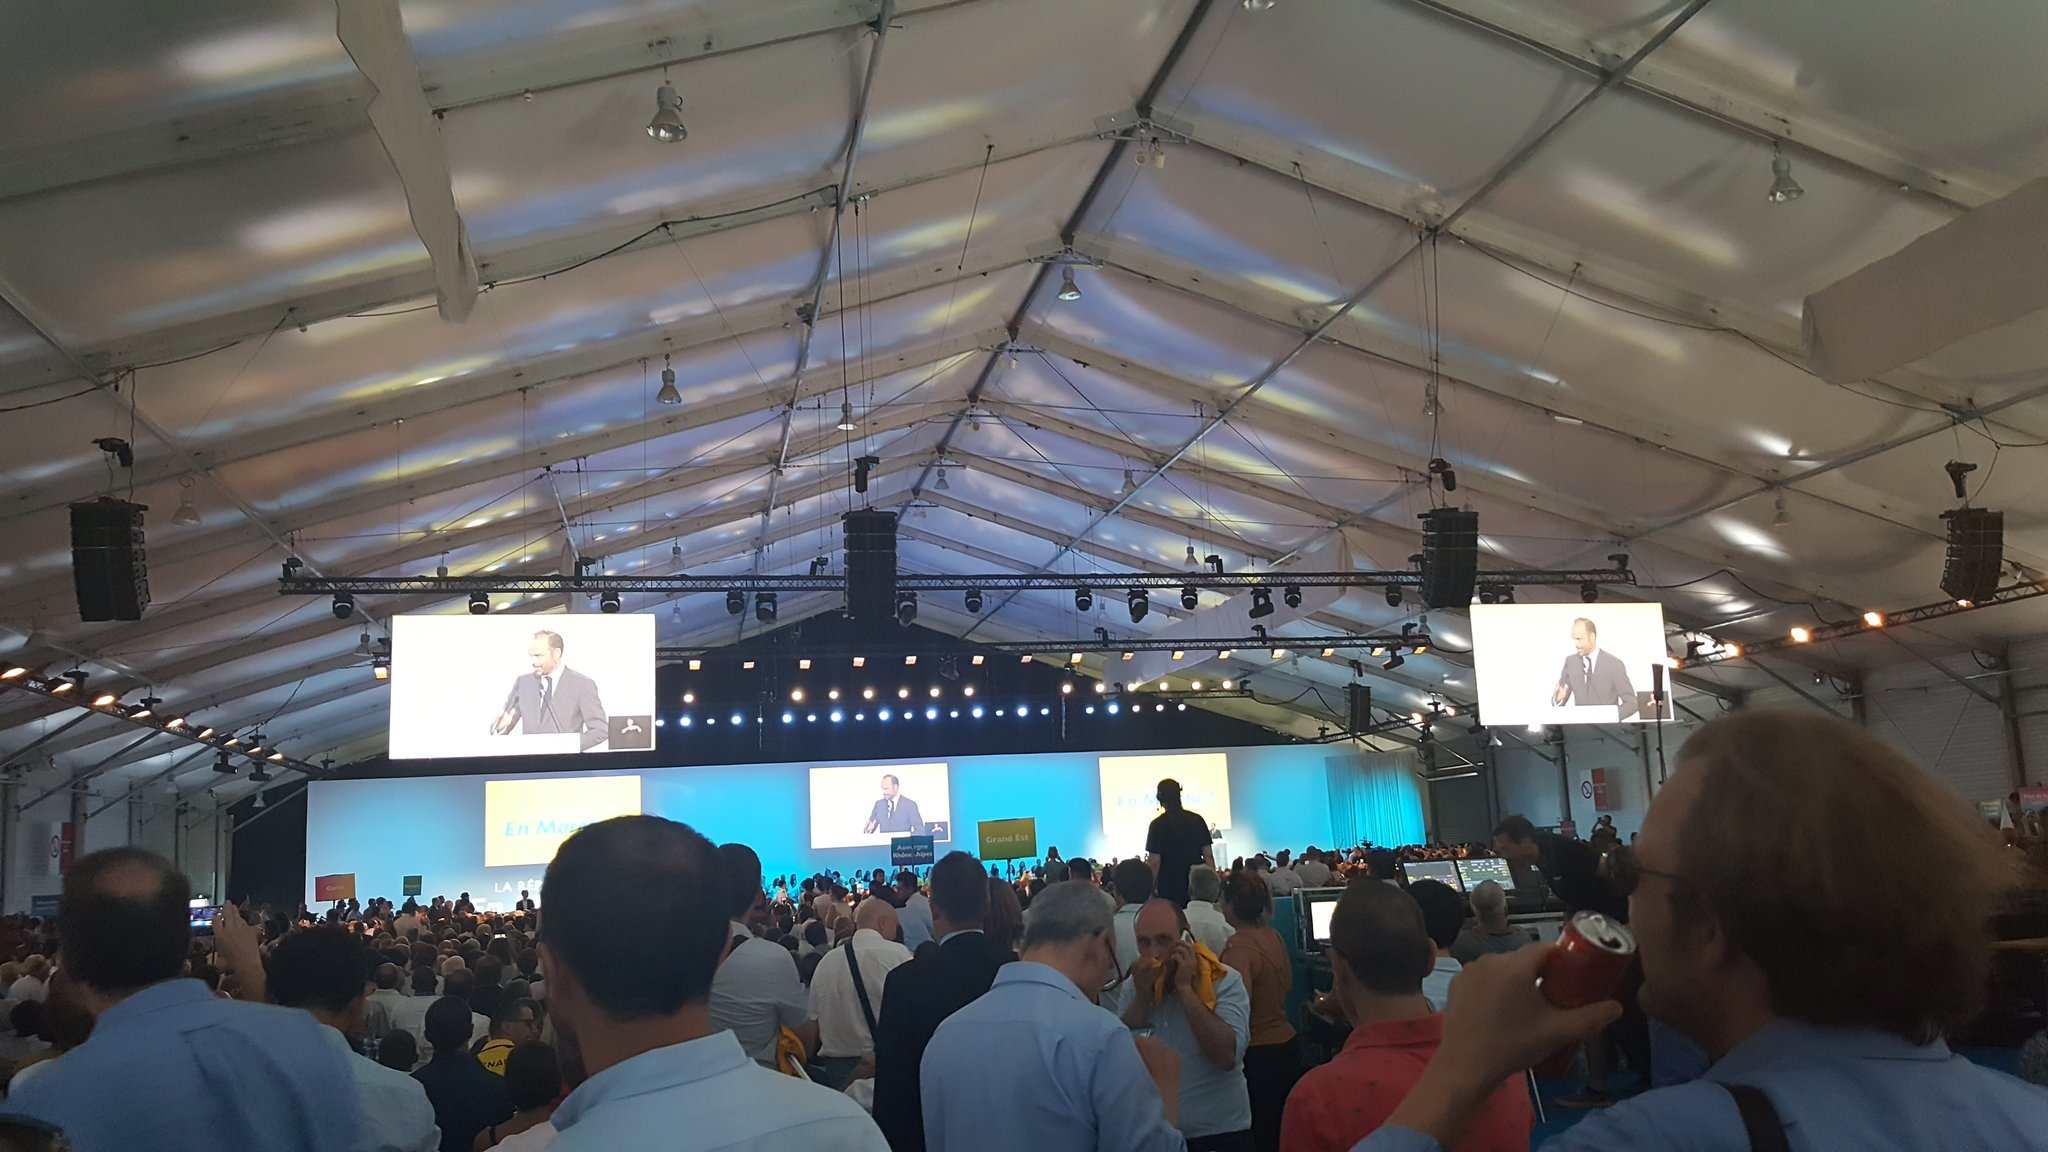 'Nous vivons un moment unique de notre vie politique.' @EPhilippePM #ConventionLaREM #ConventionLREM https://t.co/uGa6njK5Ph